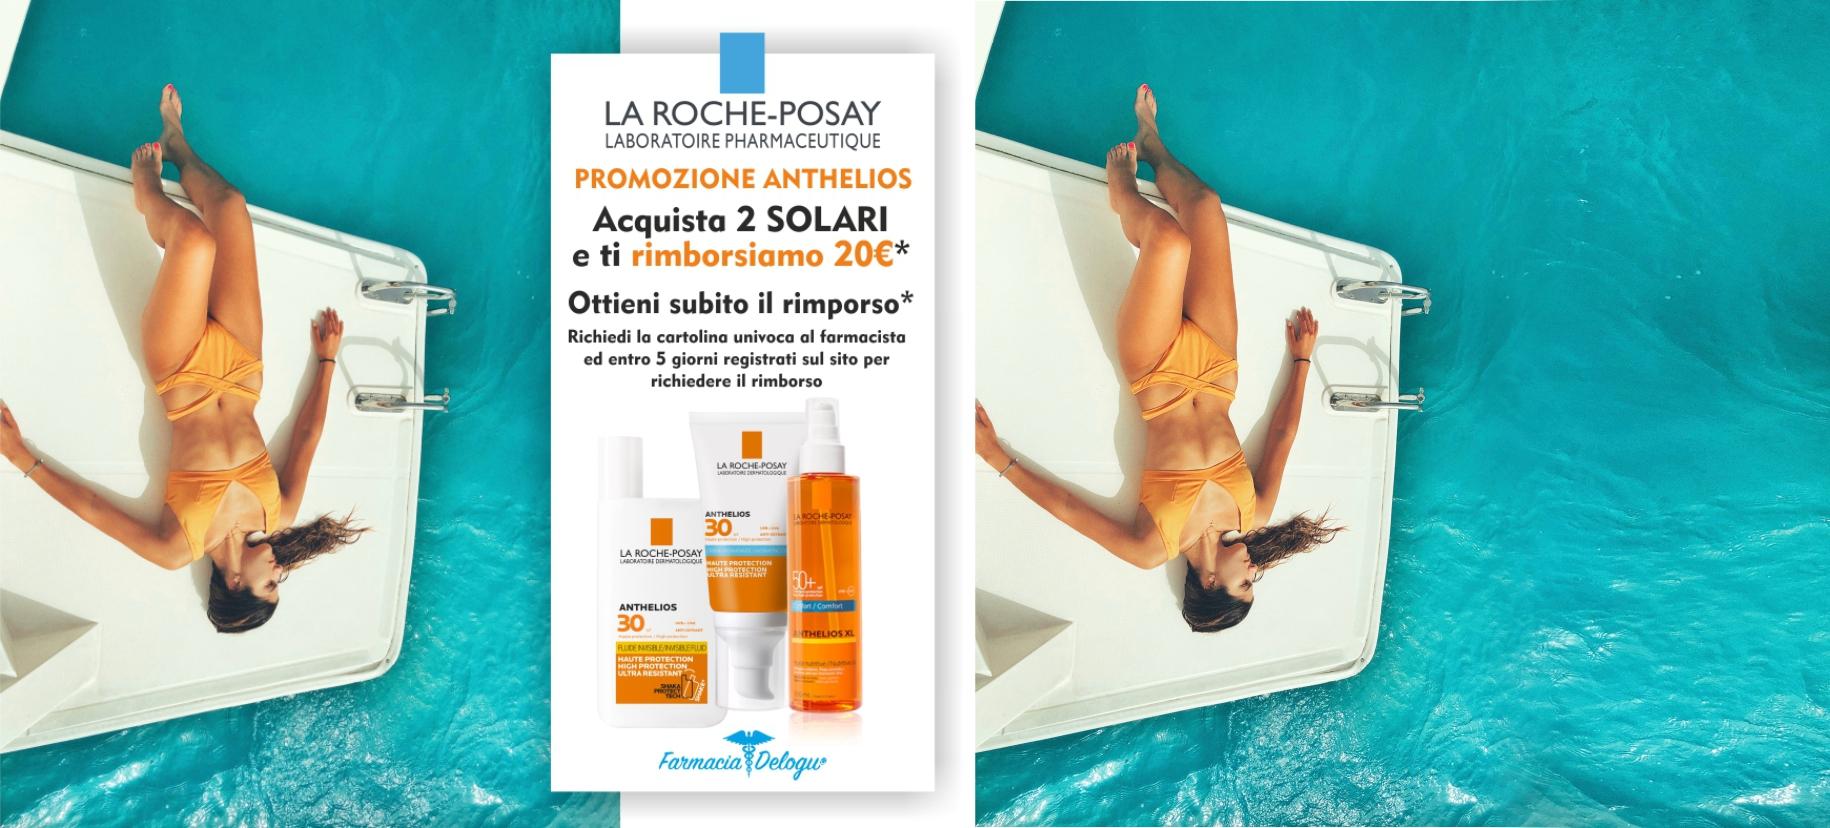 Solari La Roche Posay